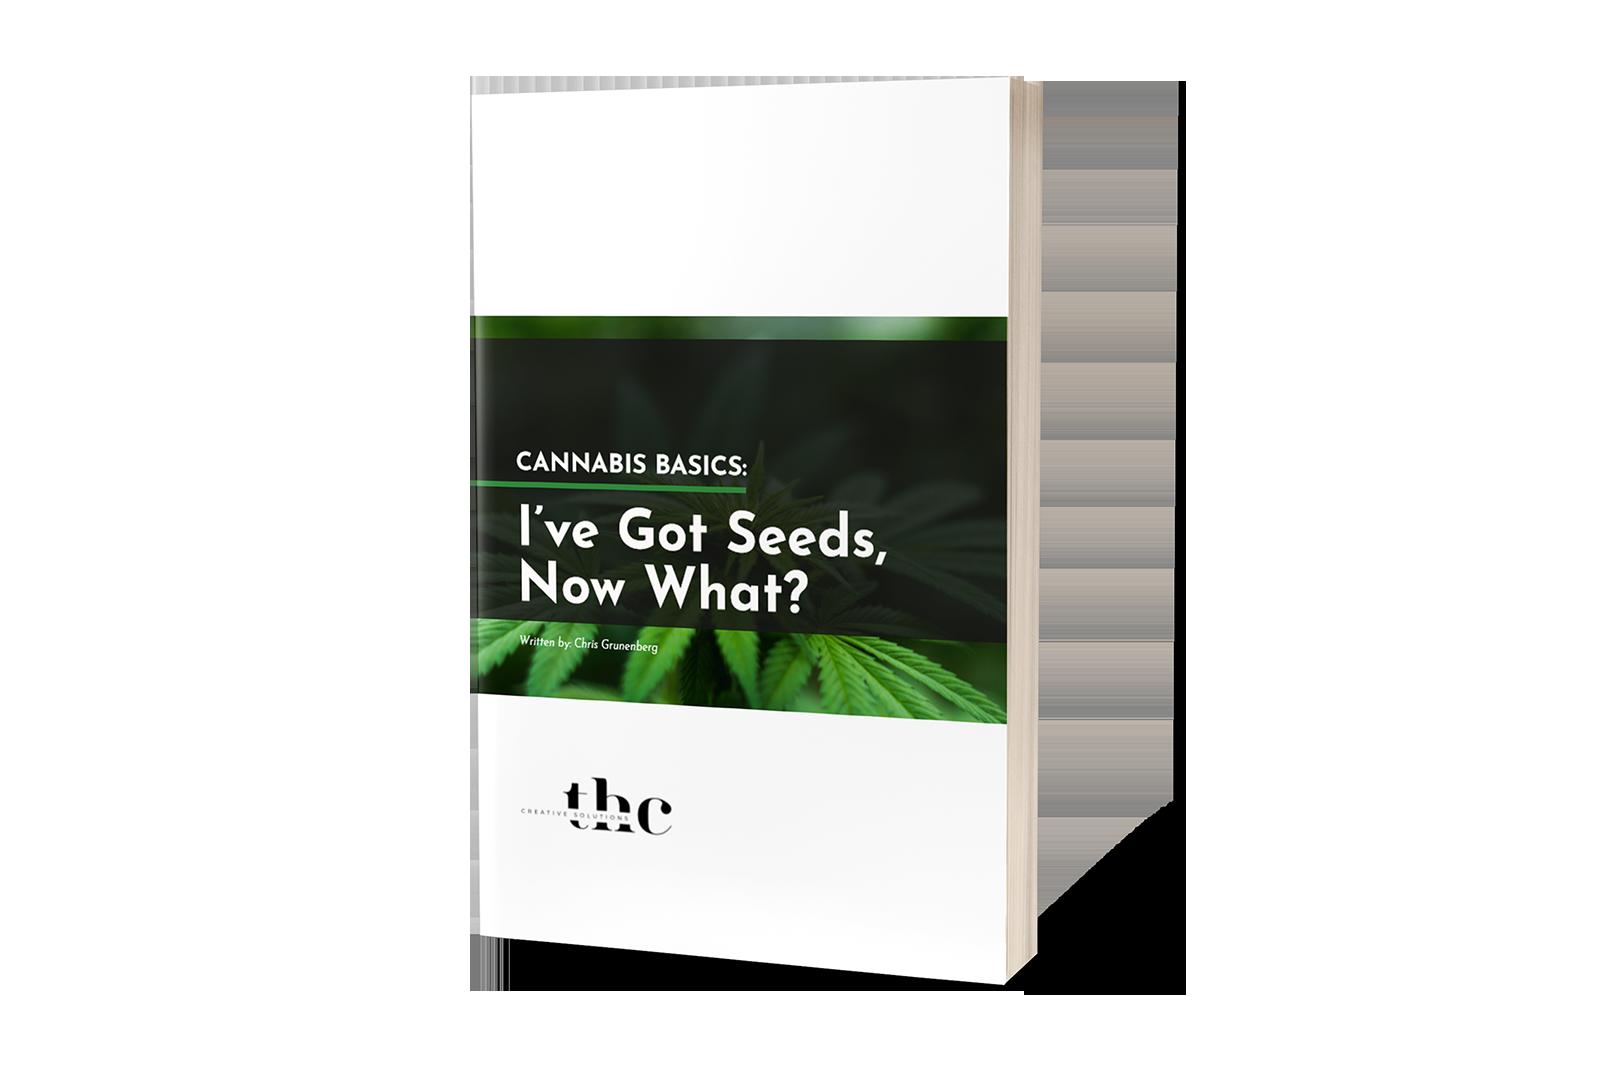 I've Got Seeds Book